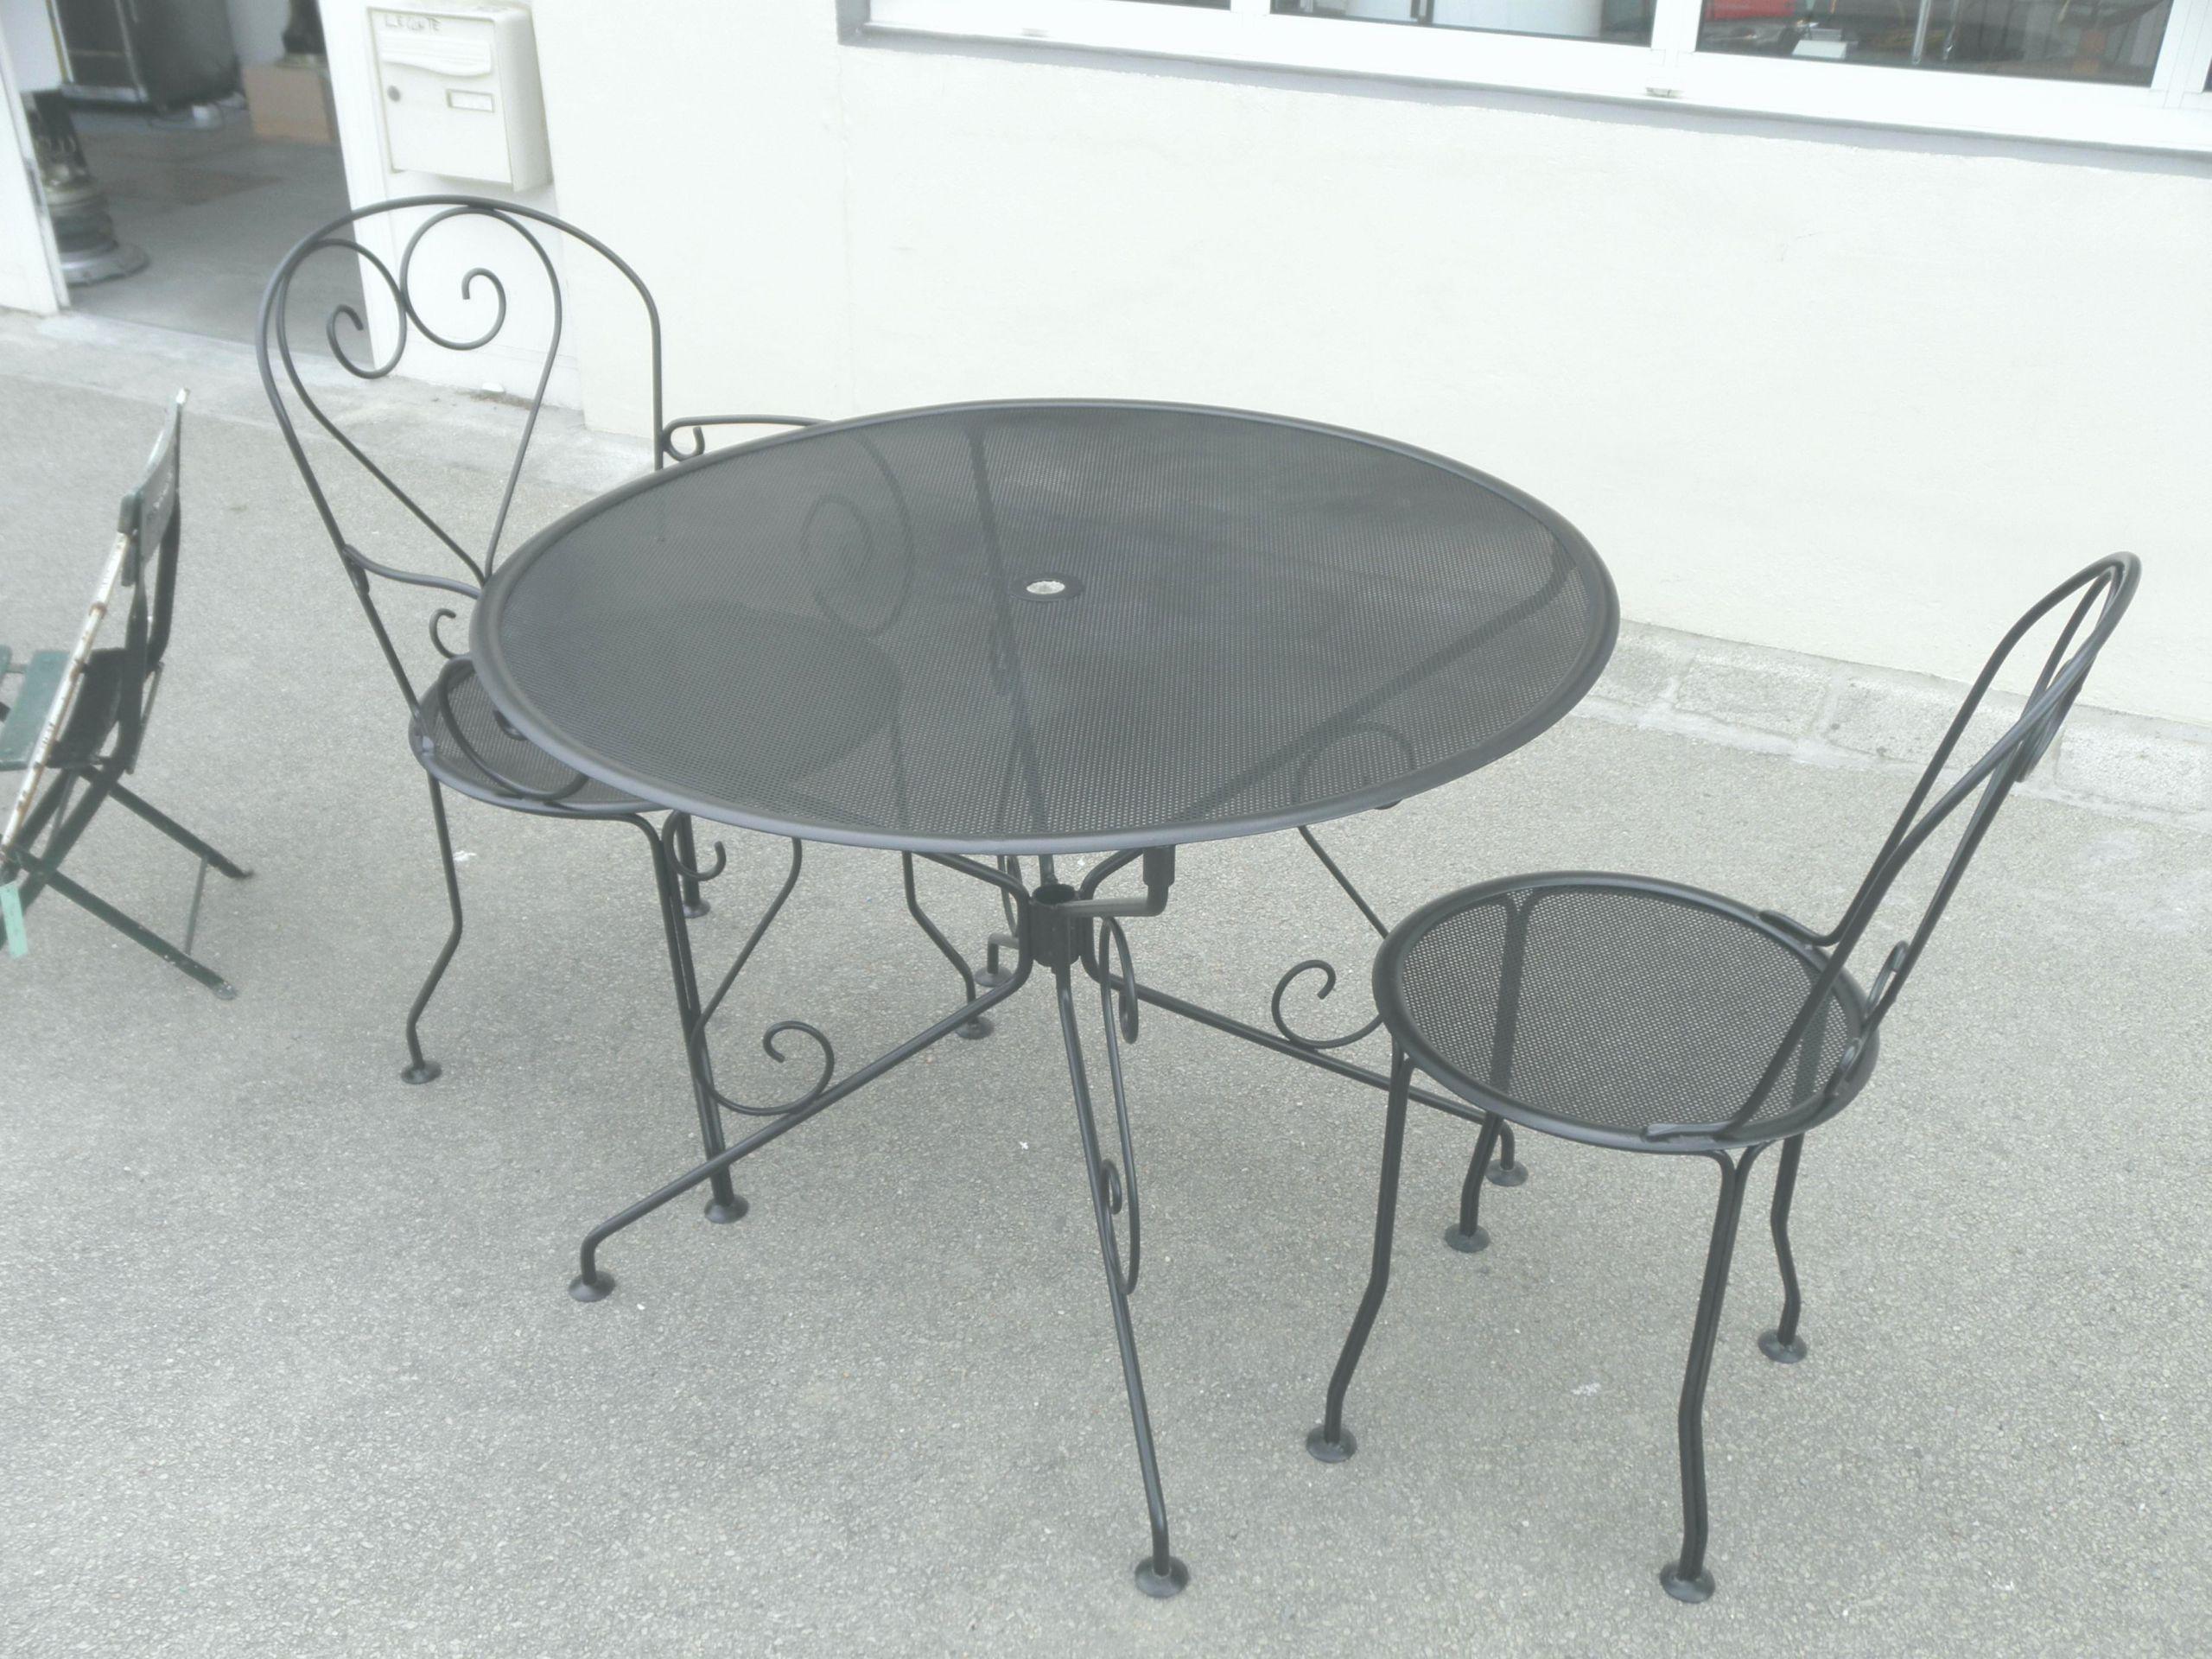 table bistro haute meilleur de beau chaise enfant scandinave nouveau chaise haute chaise haute 0d of table bistro haute